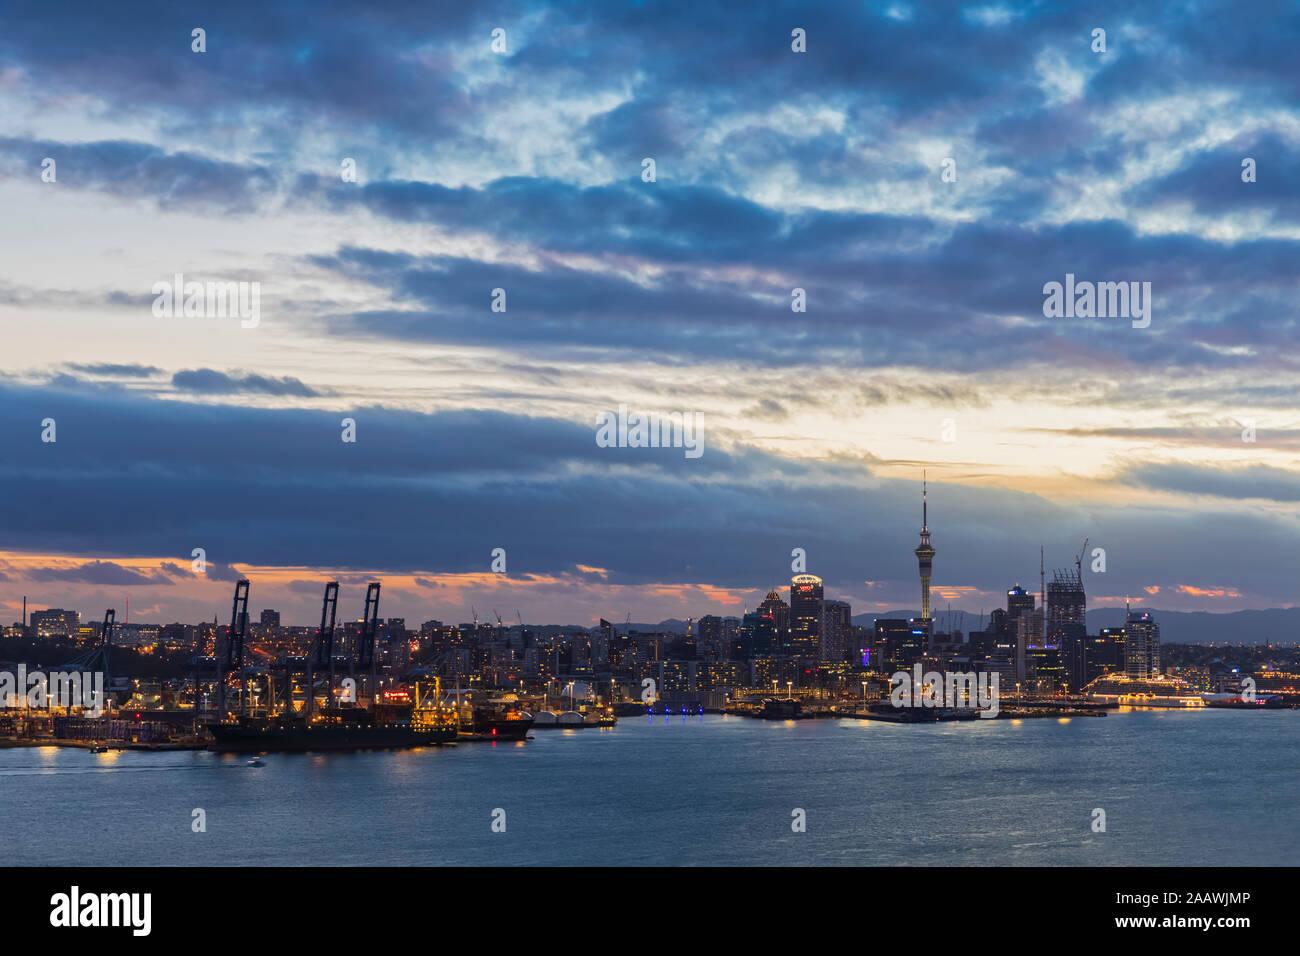 Les bâtiments modernes par mer contre ciel nuageux au crépuscule dans Auckland, Nouvelle-Zélande Banque D'Images